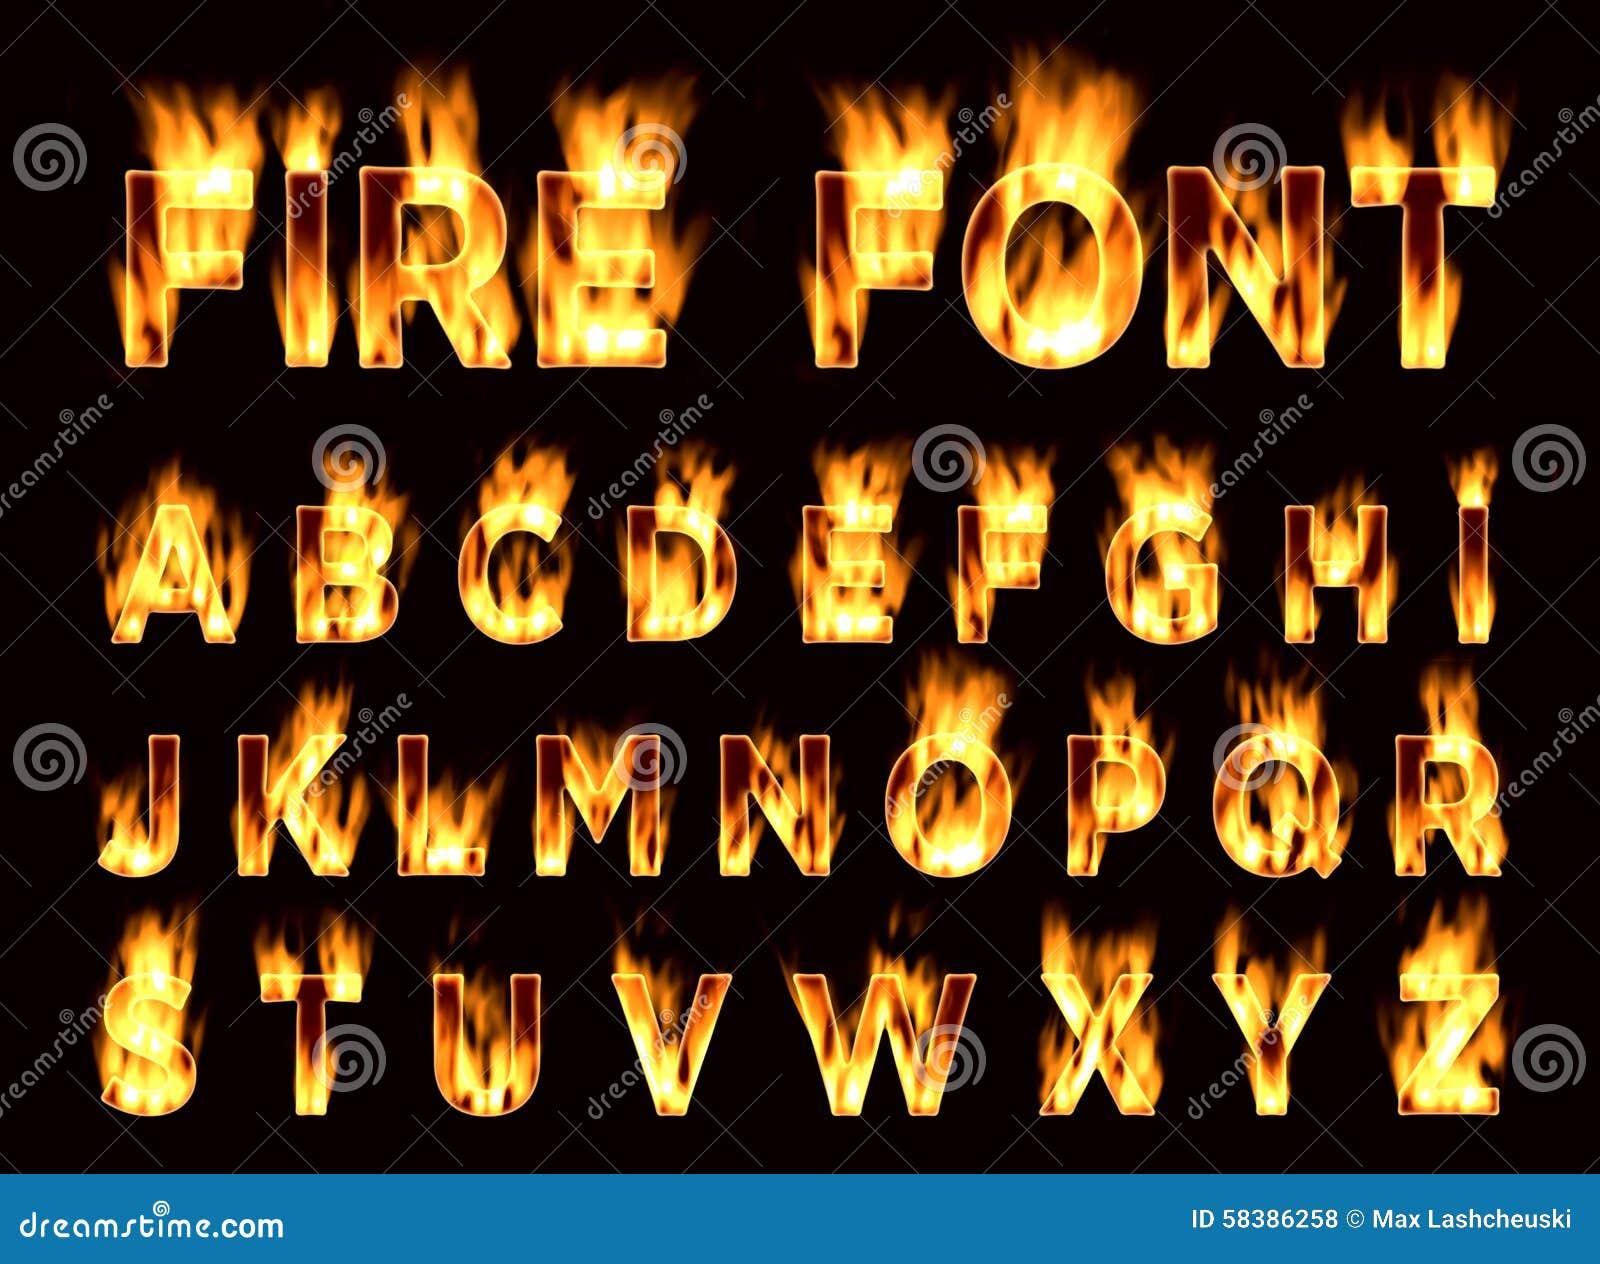 Fire font set. Flame alphabet stock illustration illustration of.